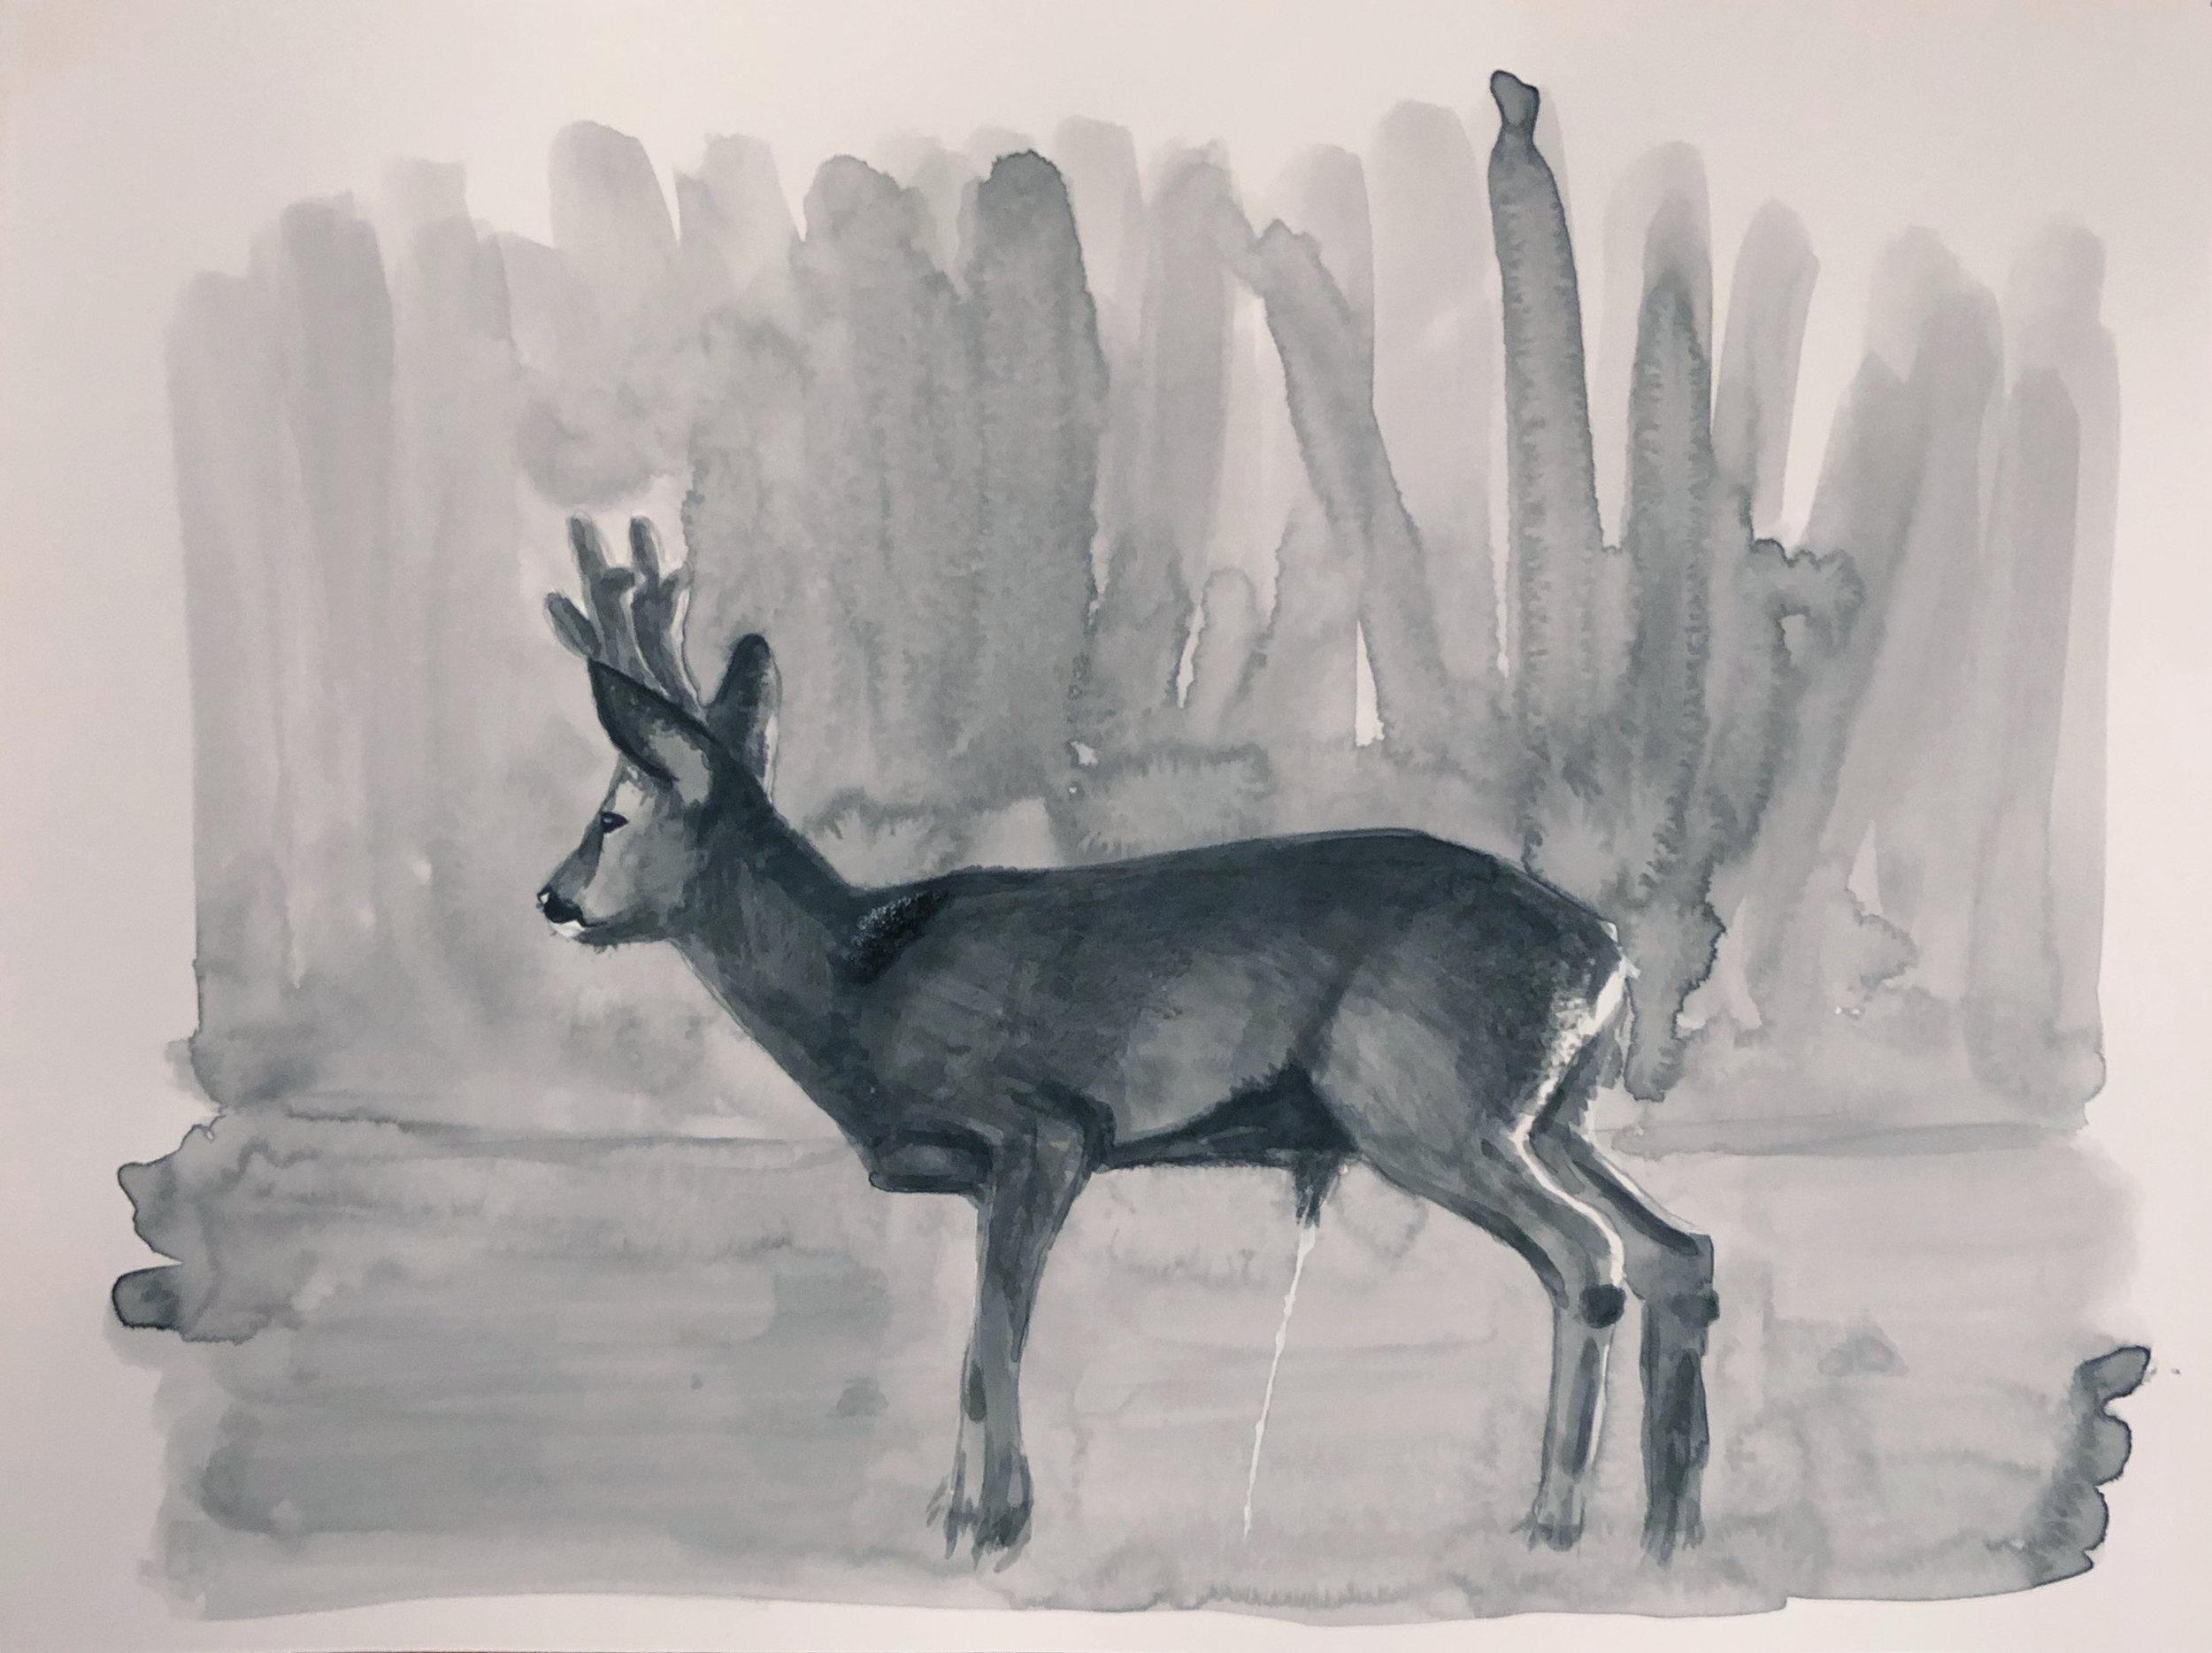 DeerPiss.jpg